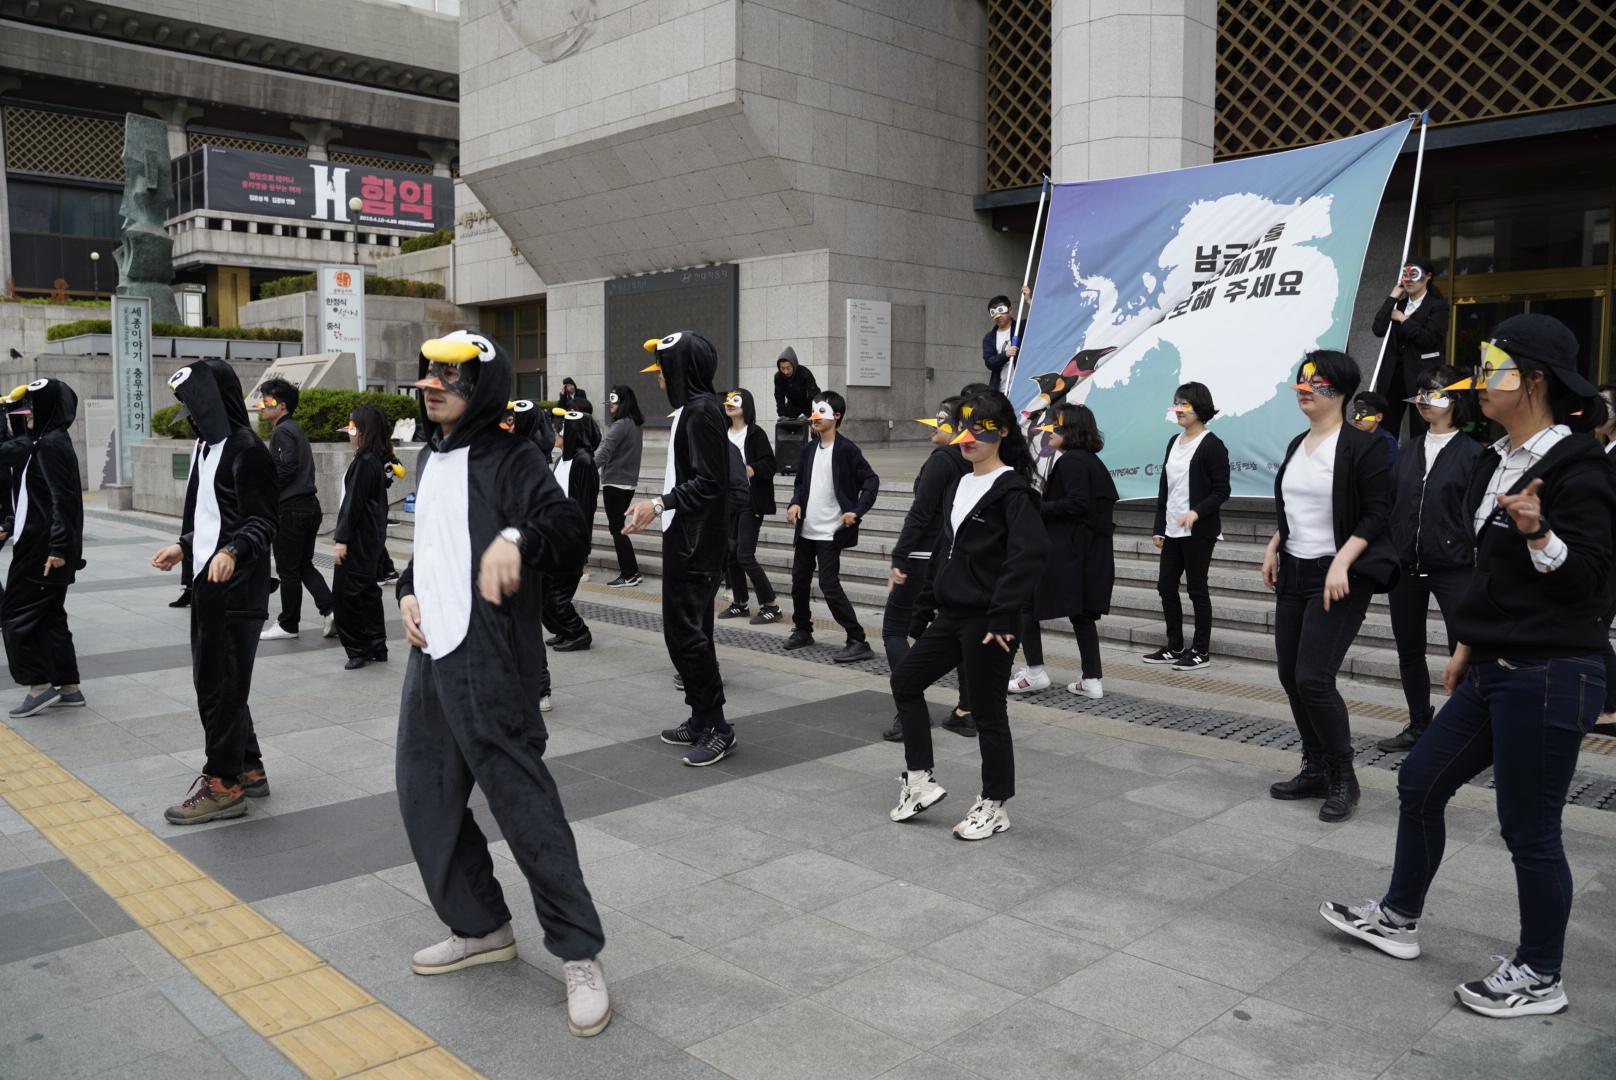 세종문화회관 앞 펭귄 의 모습을 하고 춤을 추고 있는 시민들의 모습